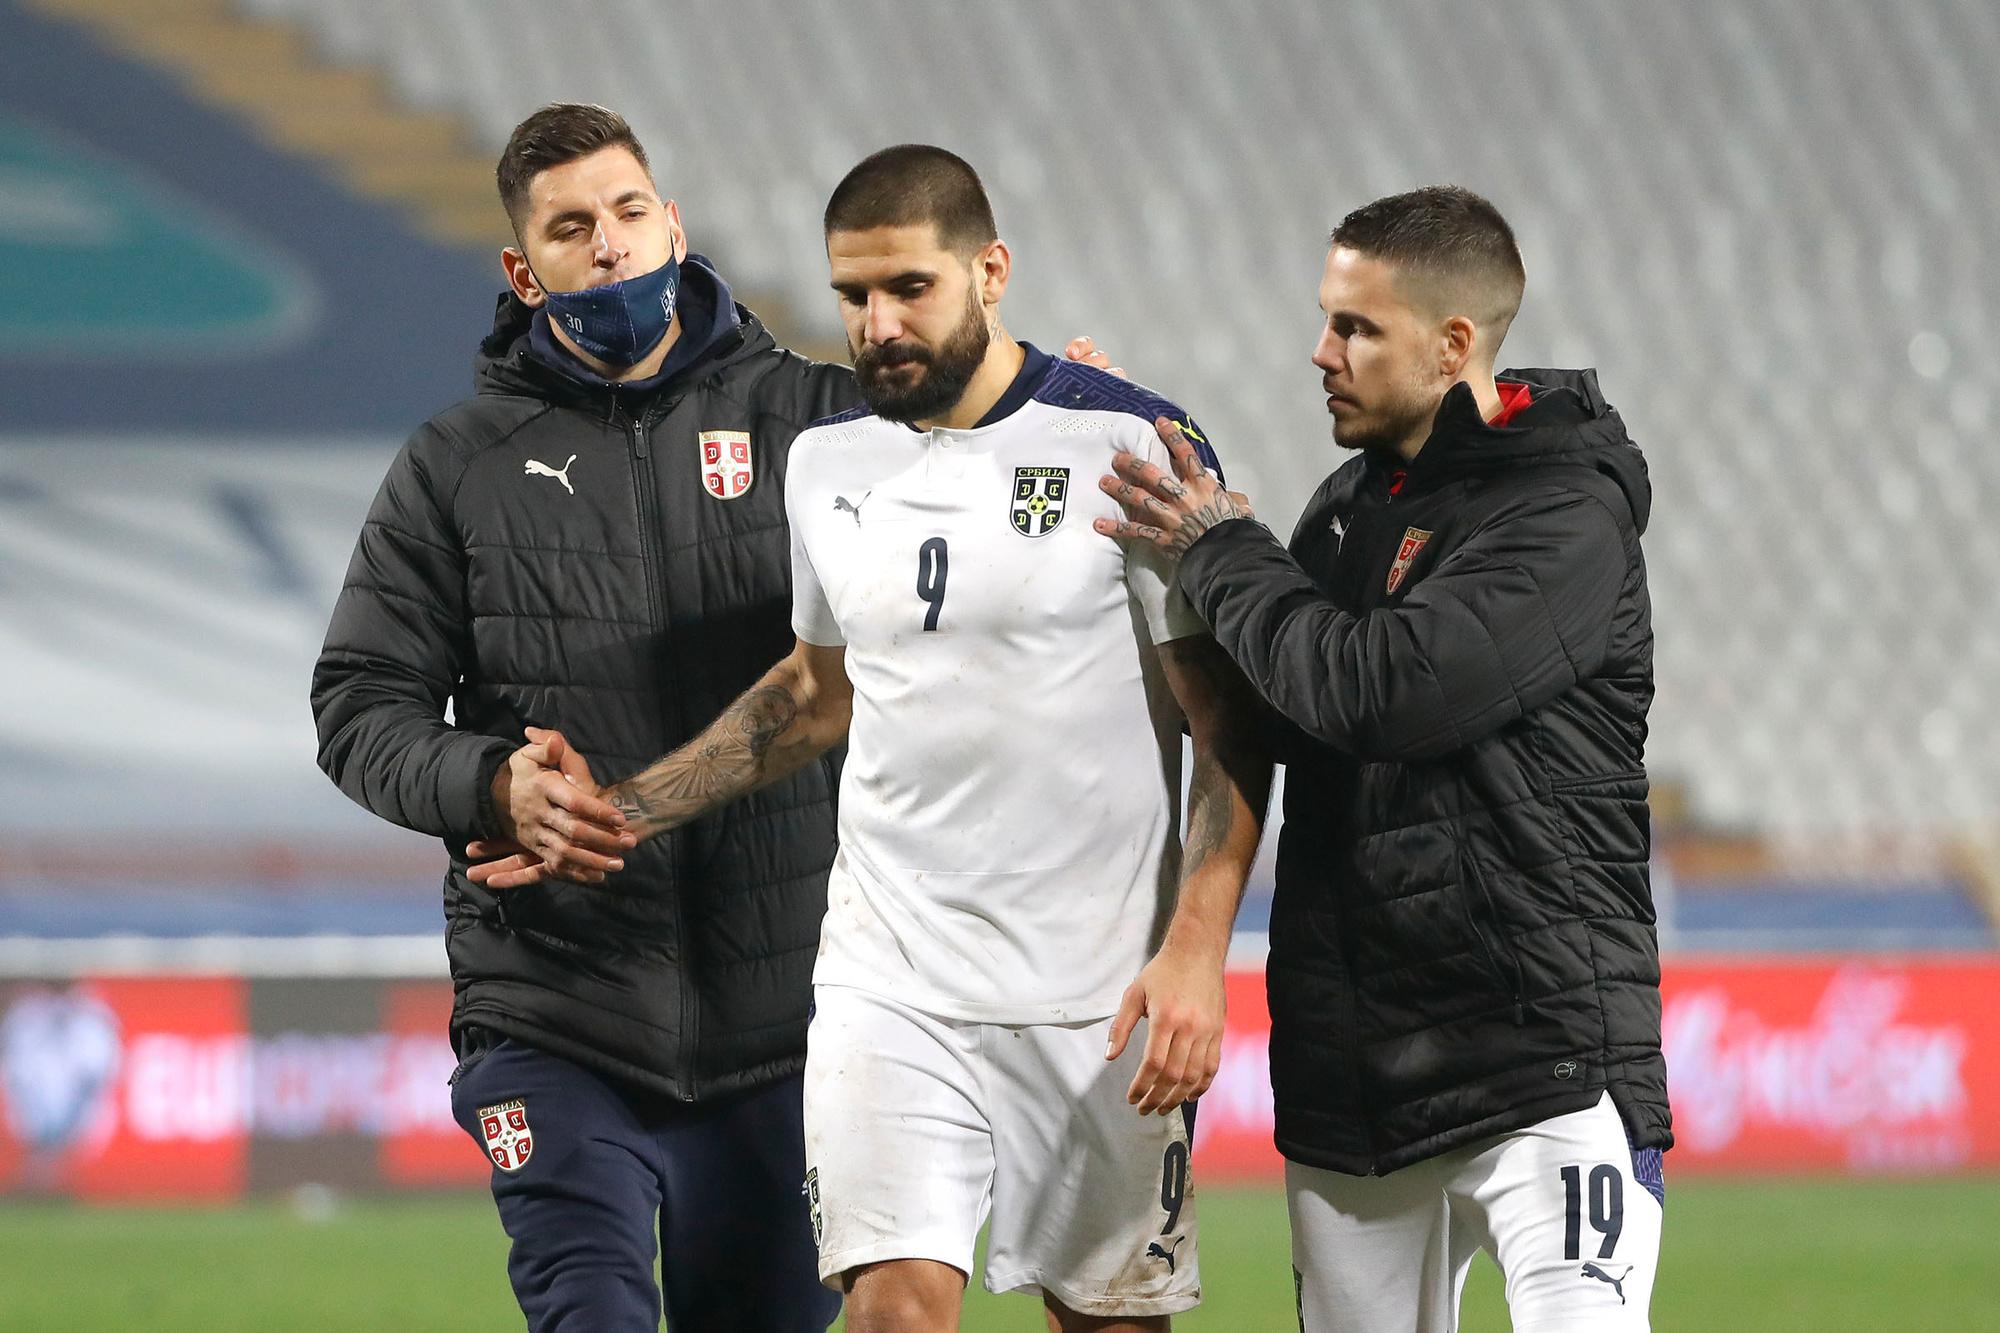 Alexander Mitrovic miste de beslissende penalty voor Servië, GETTY